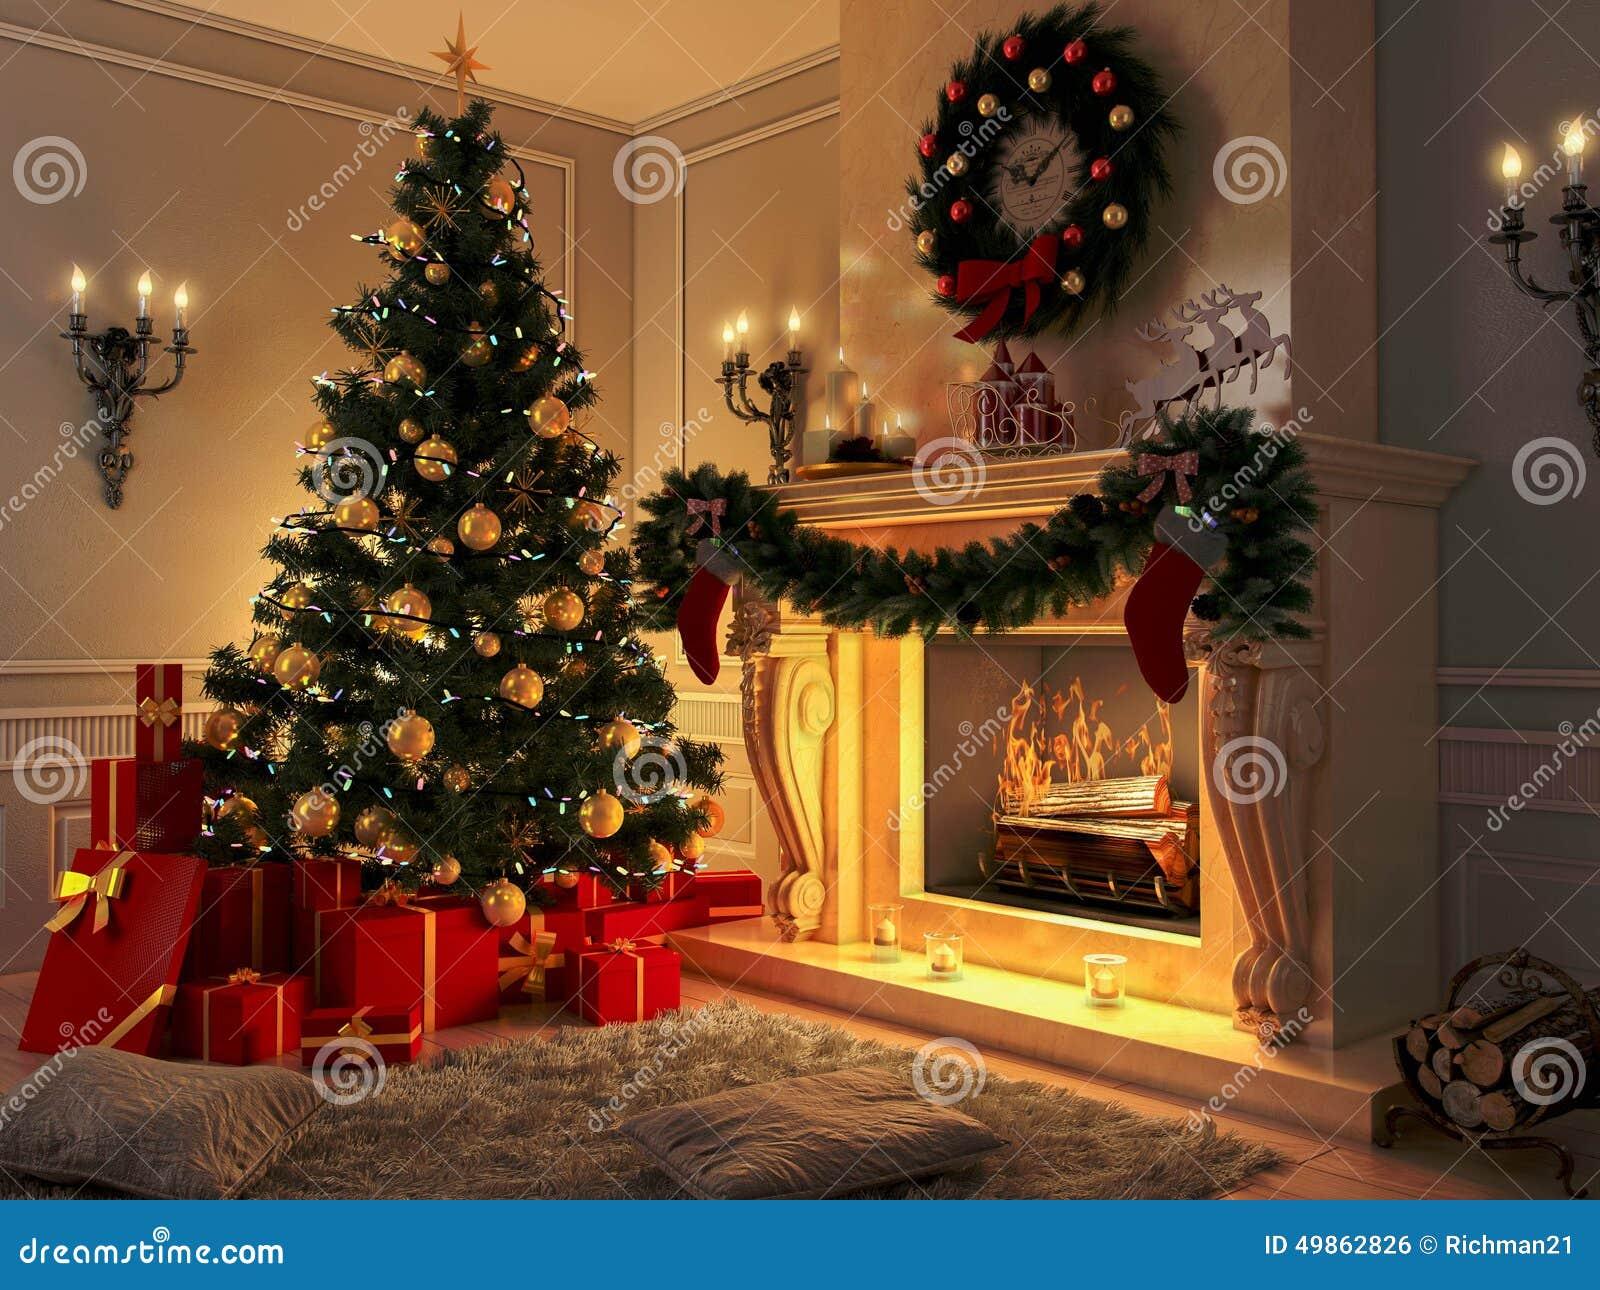 innenraum mit weihnachtsbaum geschenken und kamin postkarte stockfoto bild von haus ausgabe. Black Bedroom Furniture Sets. Home Design Ideas